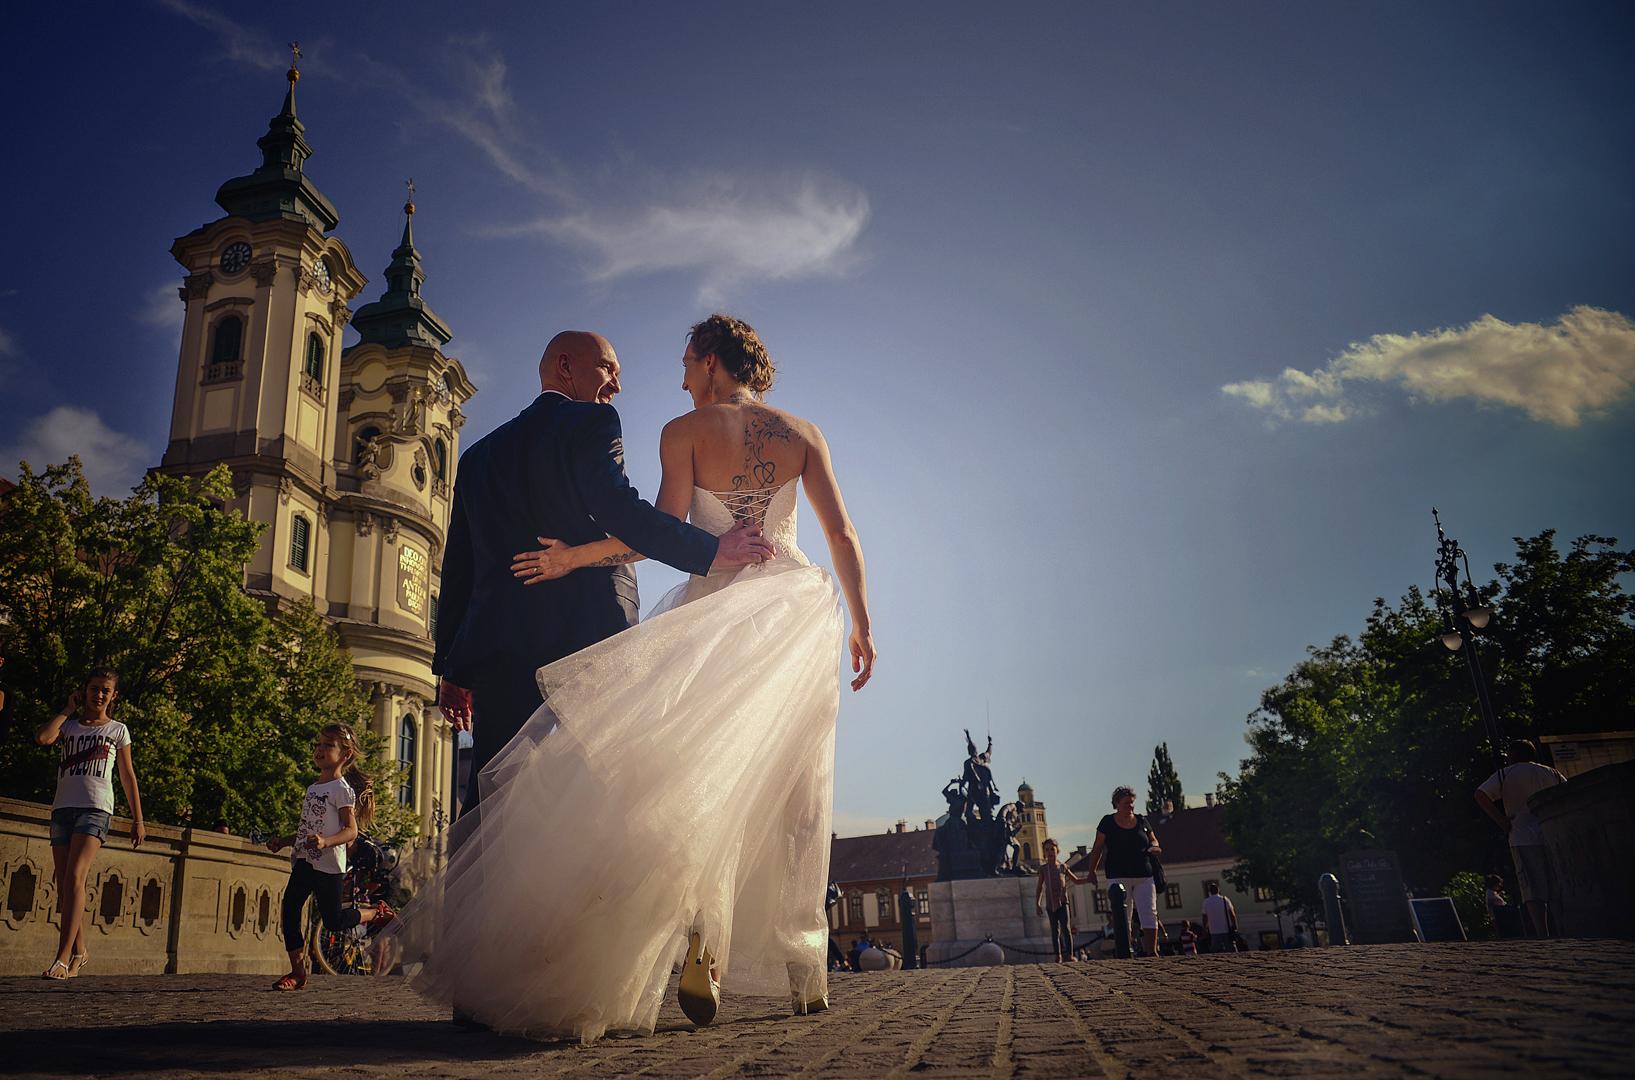 esküvői kreatív fotózás, profi esküvői fotós-Eger, esküvői fotós - Eger, esküvői fotózás -Budapest, esküvői fotózás-Debrecen, esküvői fotós Nyíregyháza, Esküvői fotós-Miskolc esküvői fotózás árak, esküvői képek, esküvői könyv, esküvői helyszínek, esküvői dekoráció